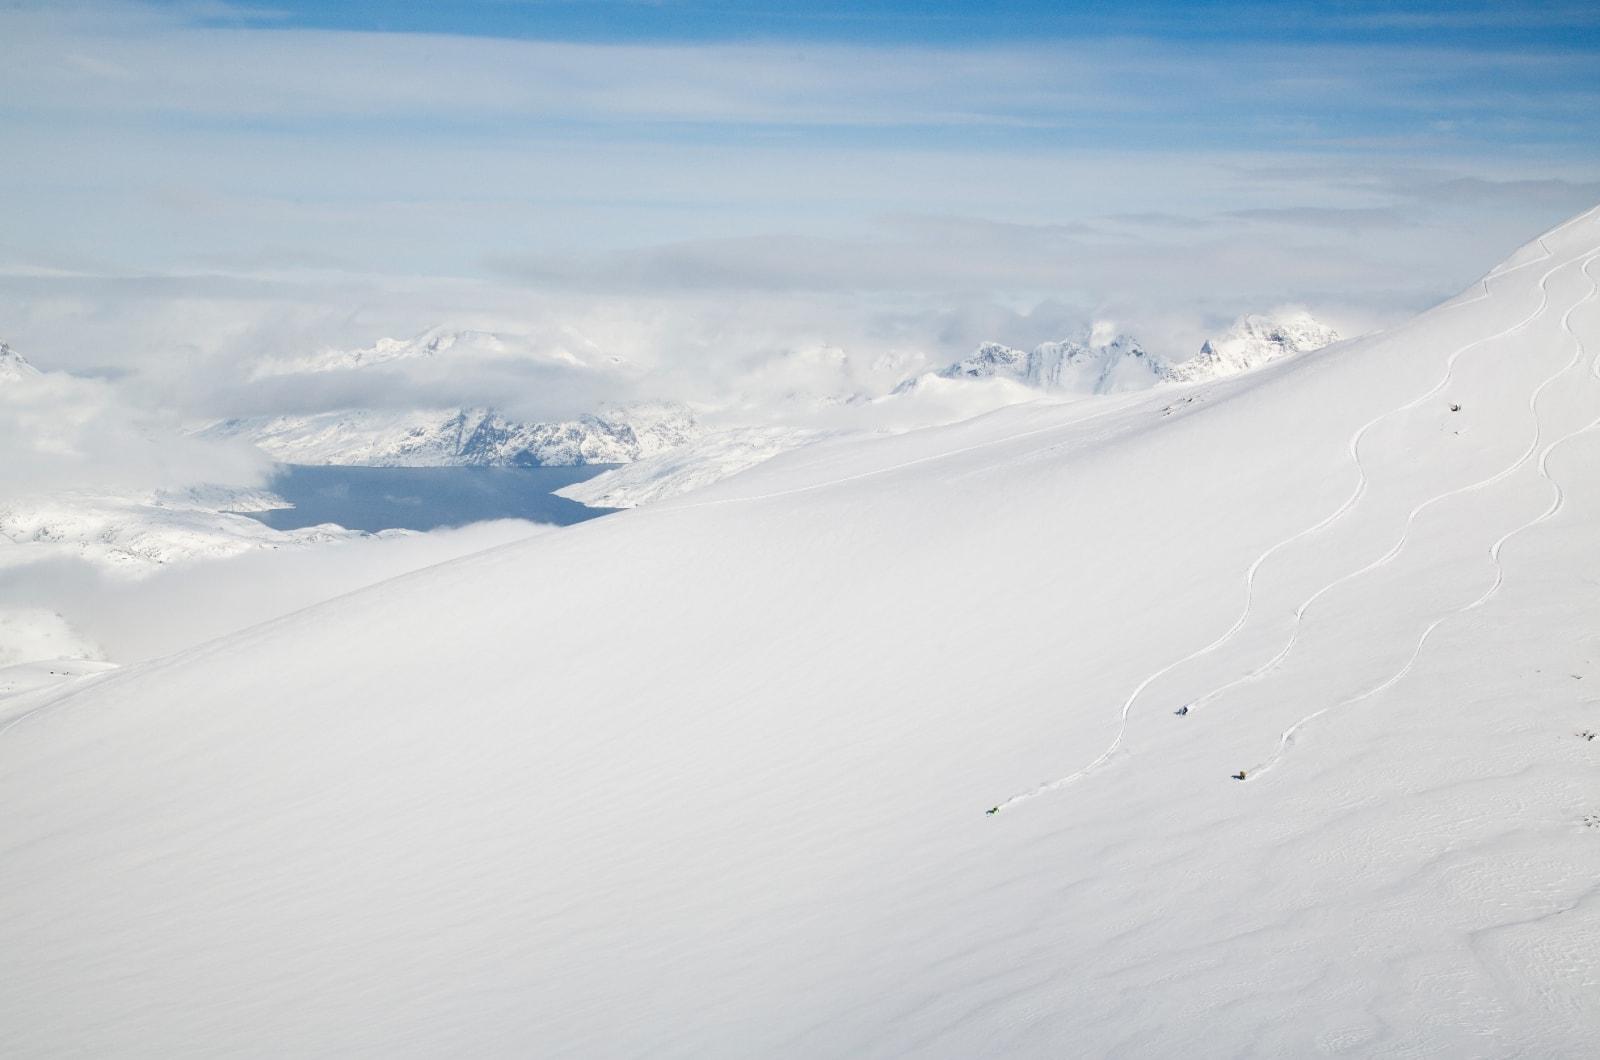 ALEINE: First tracks er hovedarbeidsoppgave på Grønland. Og det er vanskelig å mislykkes med den oppgaven. Martin Letzter, Tom Seeman og Johan Engebratt på vei ned fra toppen av Utsiqt.